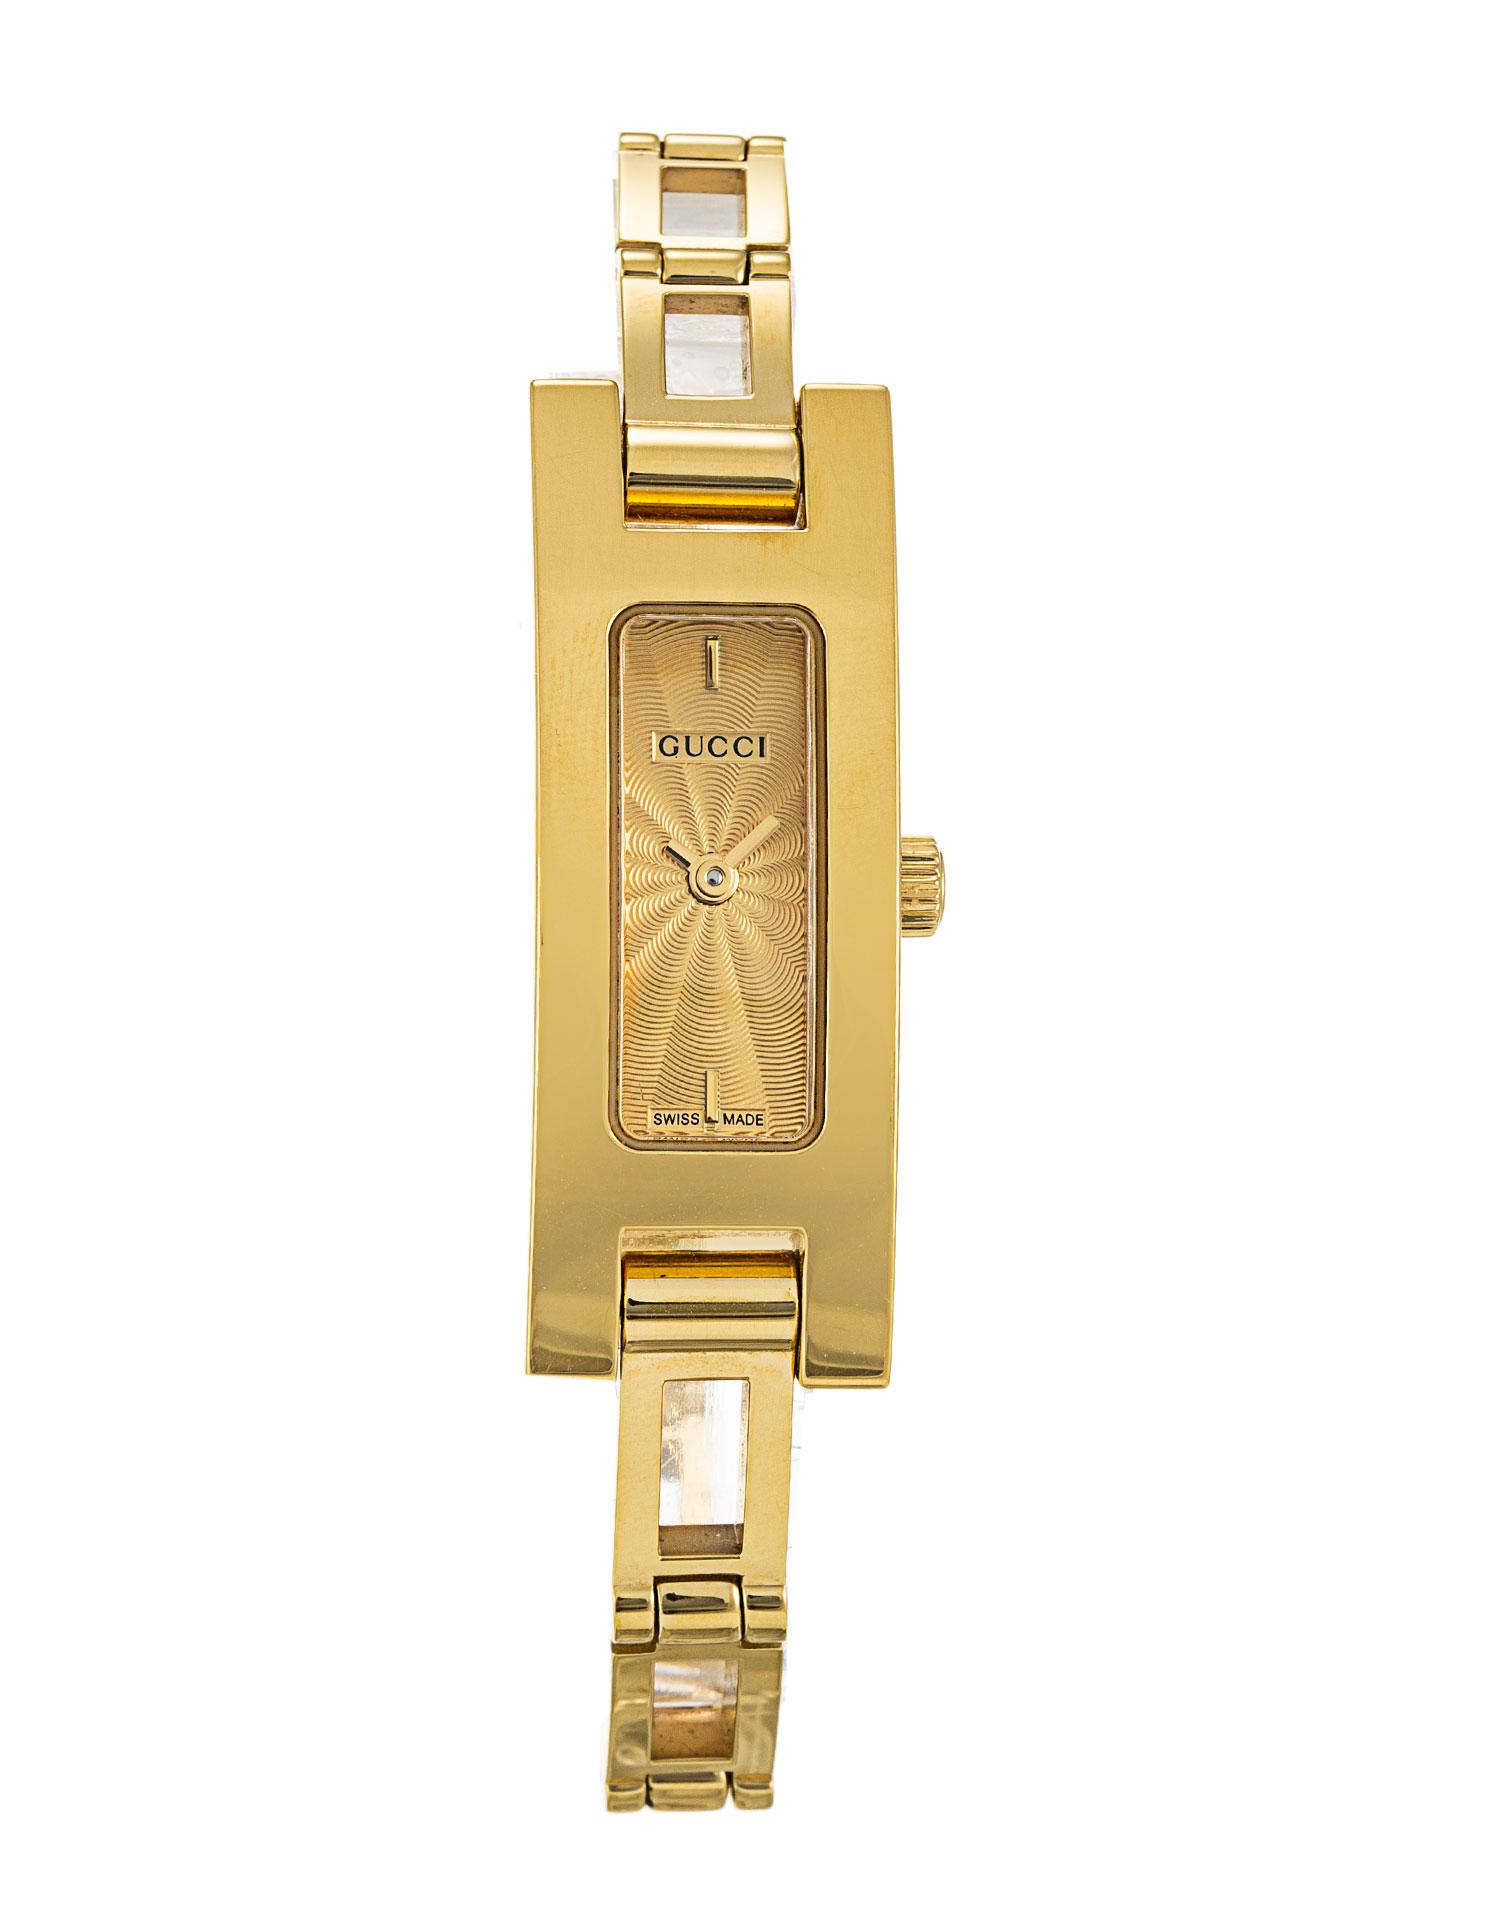 e2016a124f8ceb Gucci 3900L 3900L Watch